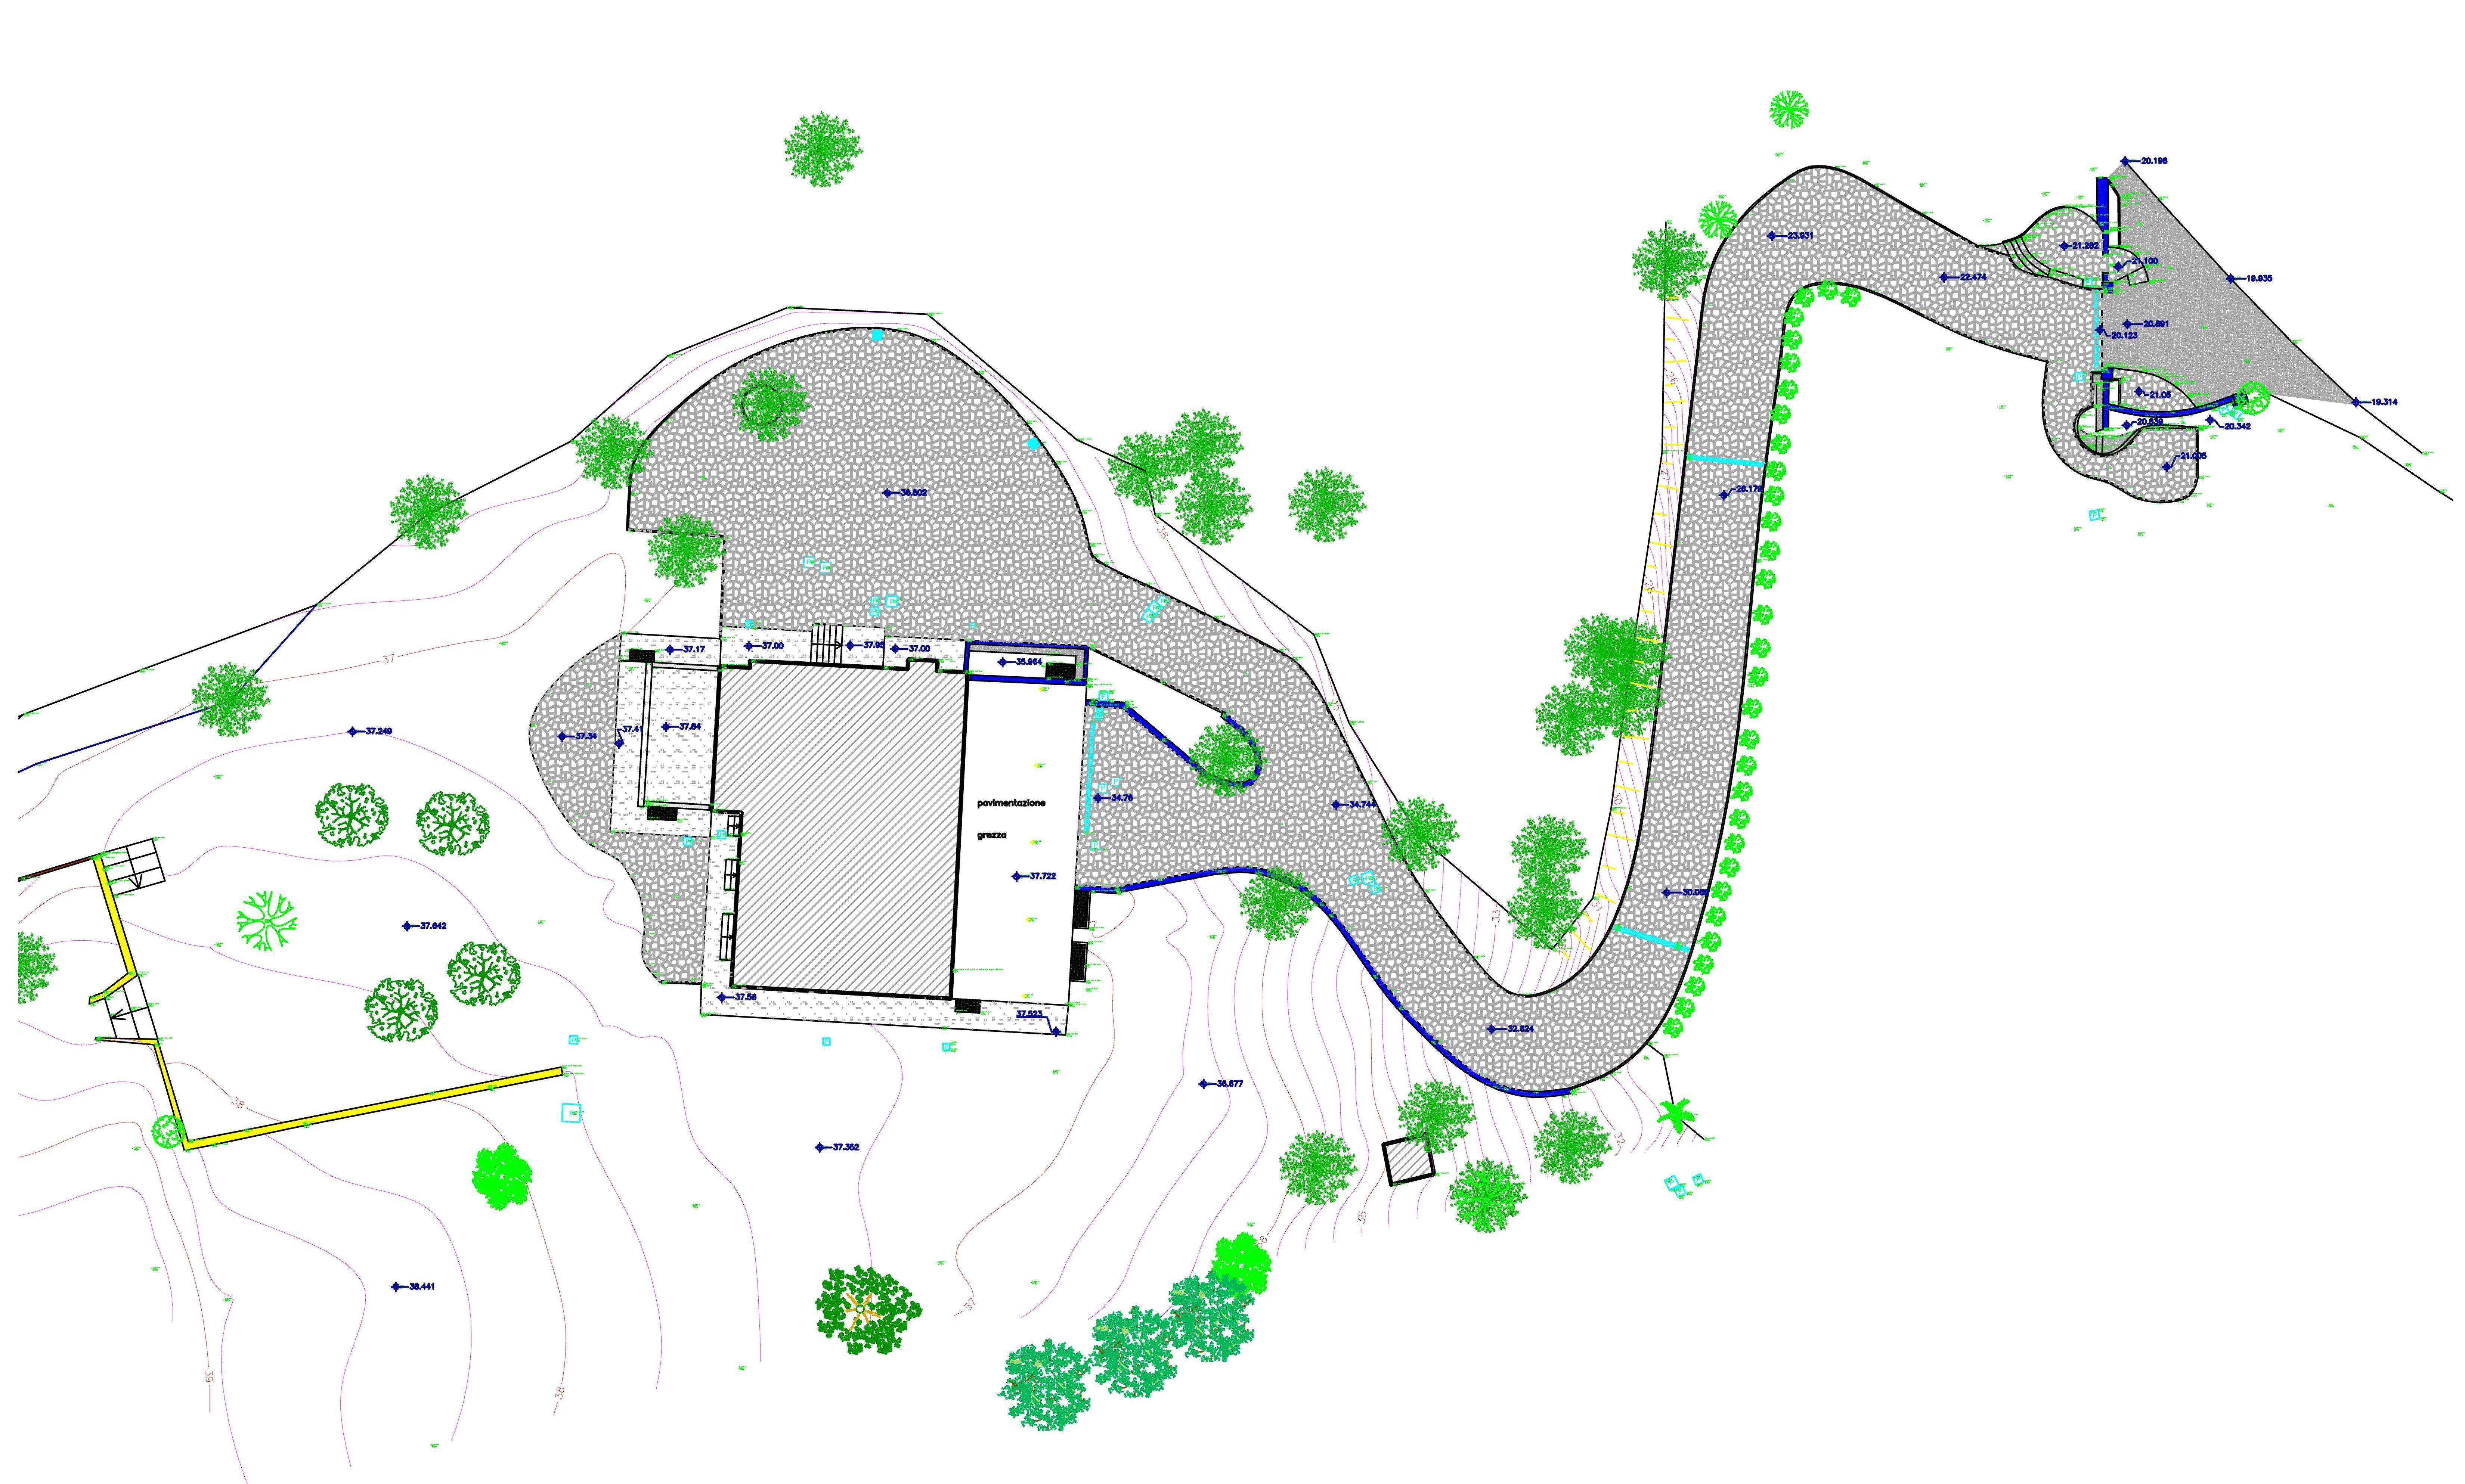 rilievo topografico di giardini